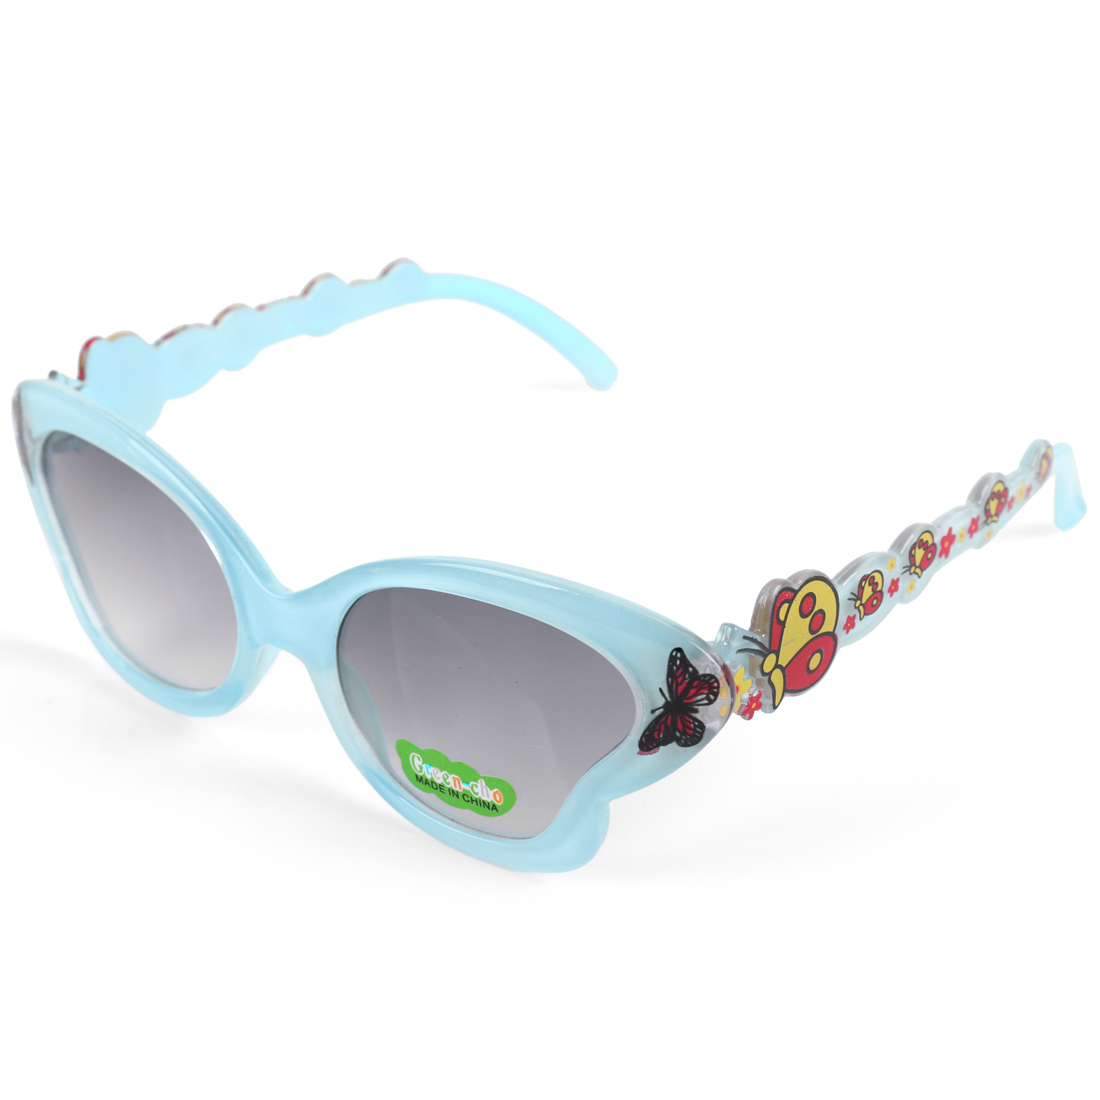 Boys Girls Light Blue Plastic Full Rim Butterfly Style Sunglasses